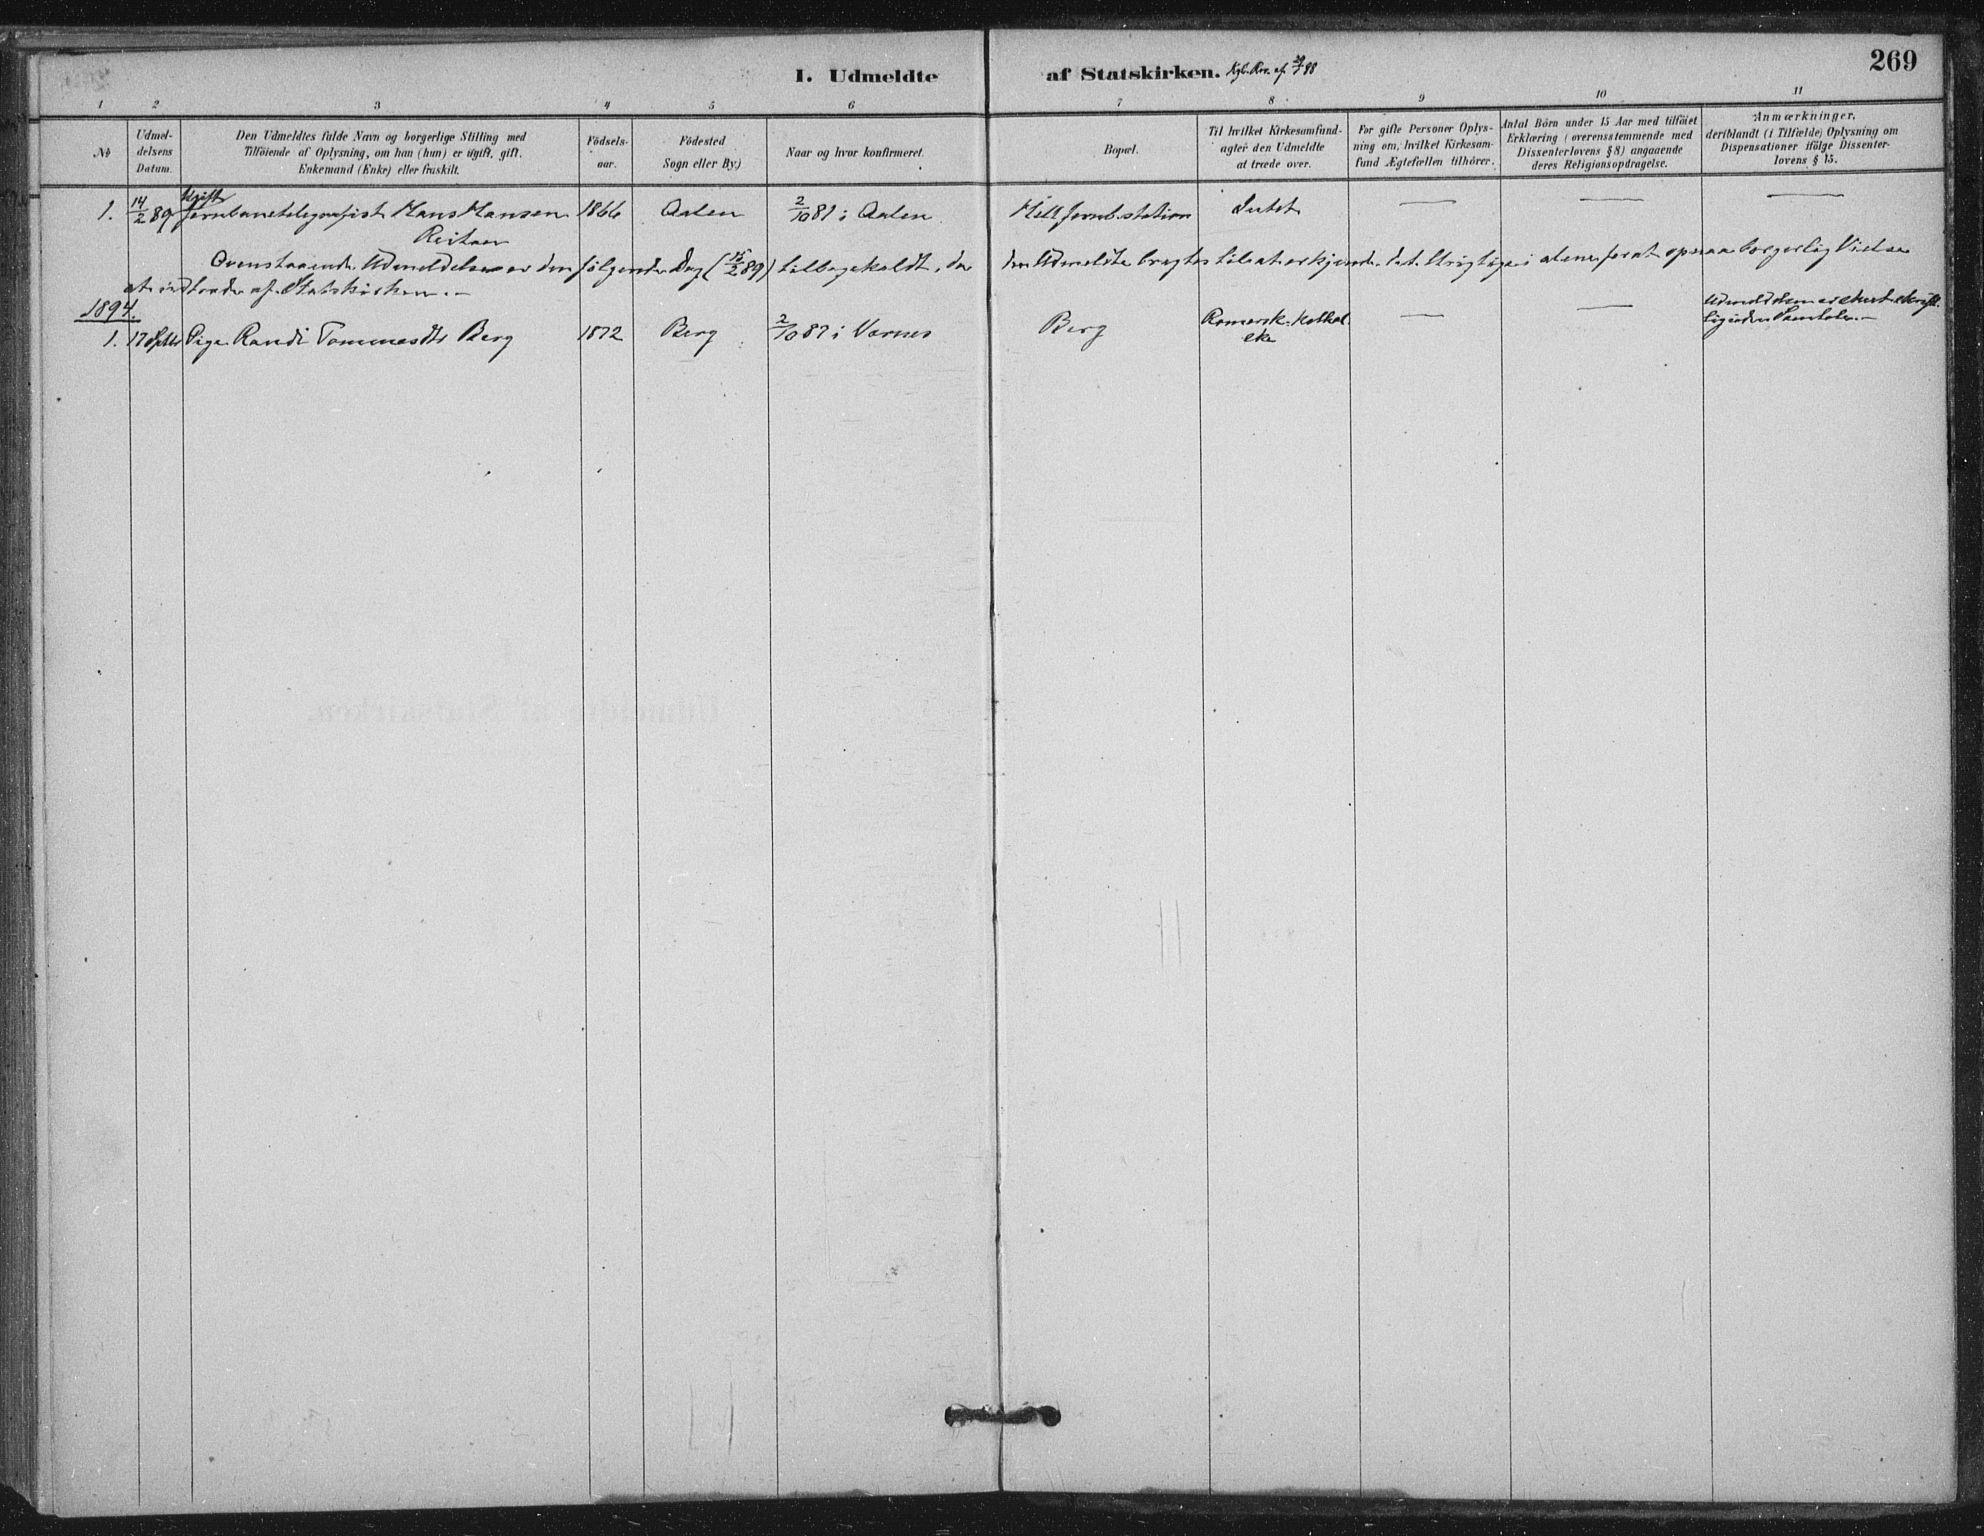 SAT, Ministerialprotokoller, klokkerbøker og fødselsregistre - Nord-Trøndelag, 710/L0095: Ministerialbok nr. 710A01, 1880-1914, s. 269